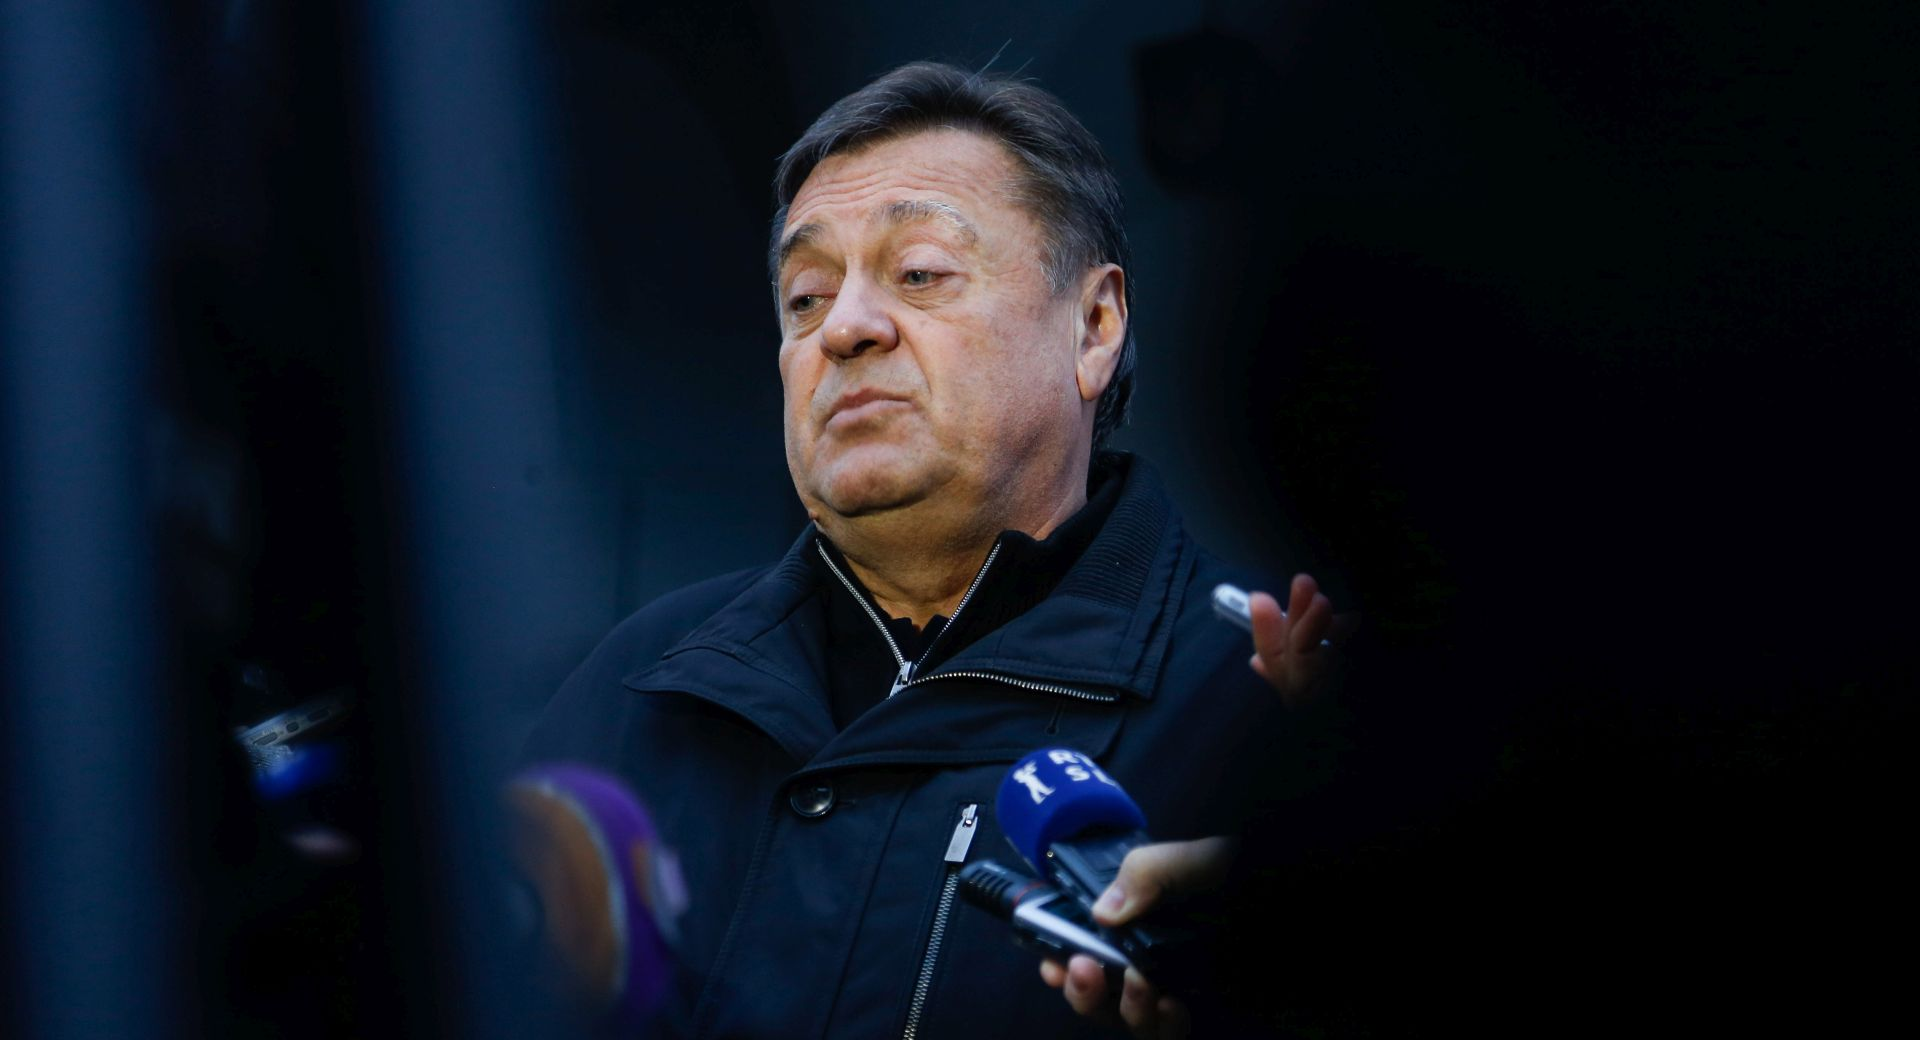 Ljubljanski gradonačelnik niječe da je primao mito i tražio spolne usluge